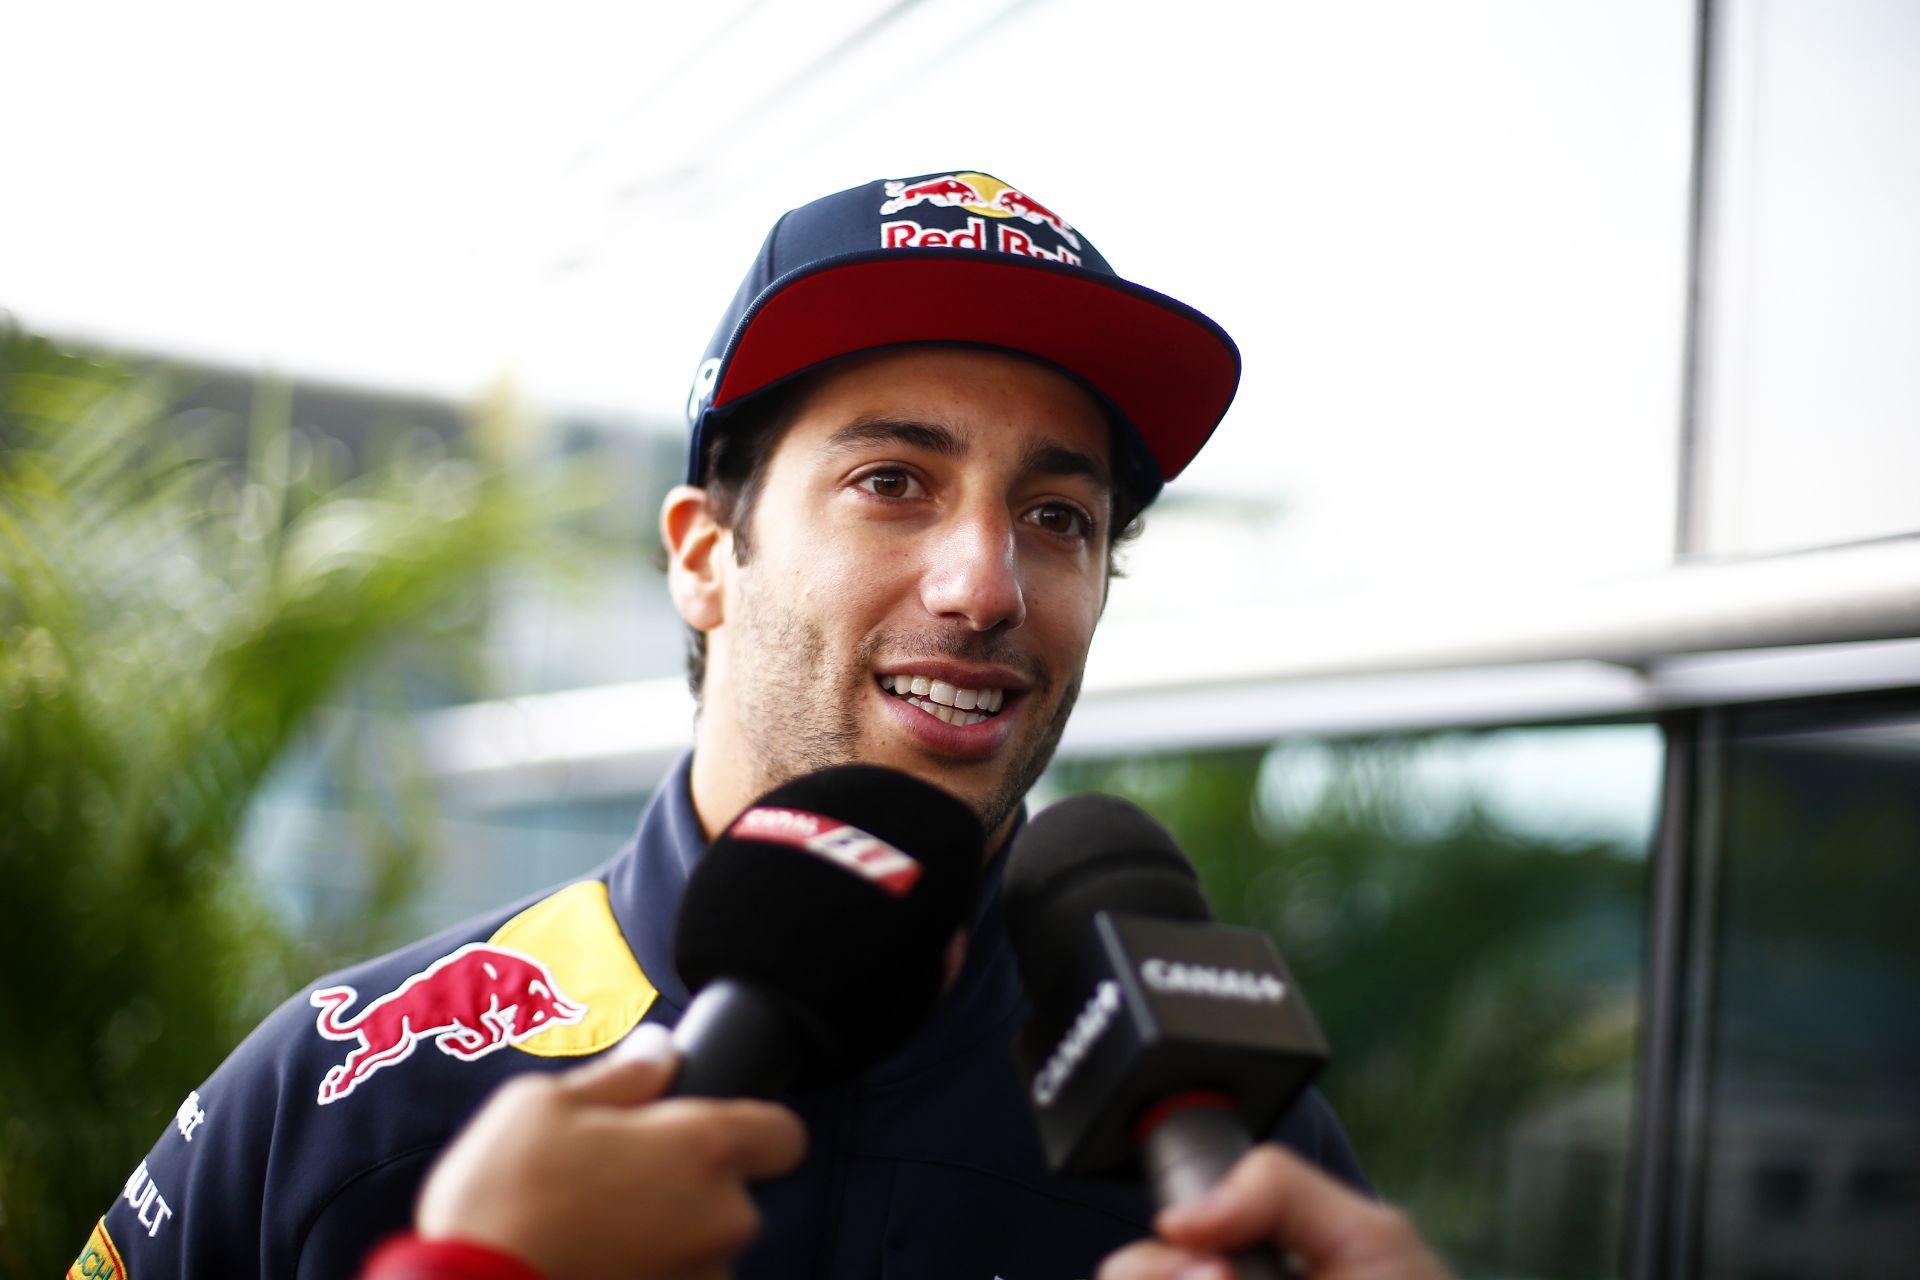 Ricciardo Laureus-díjat nyert, Hamilton és a Mercedes semmit sem kapott